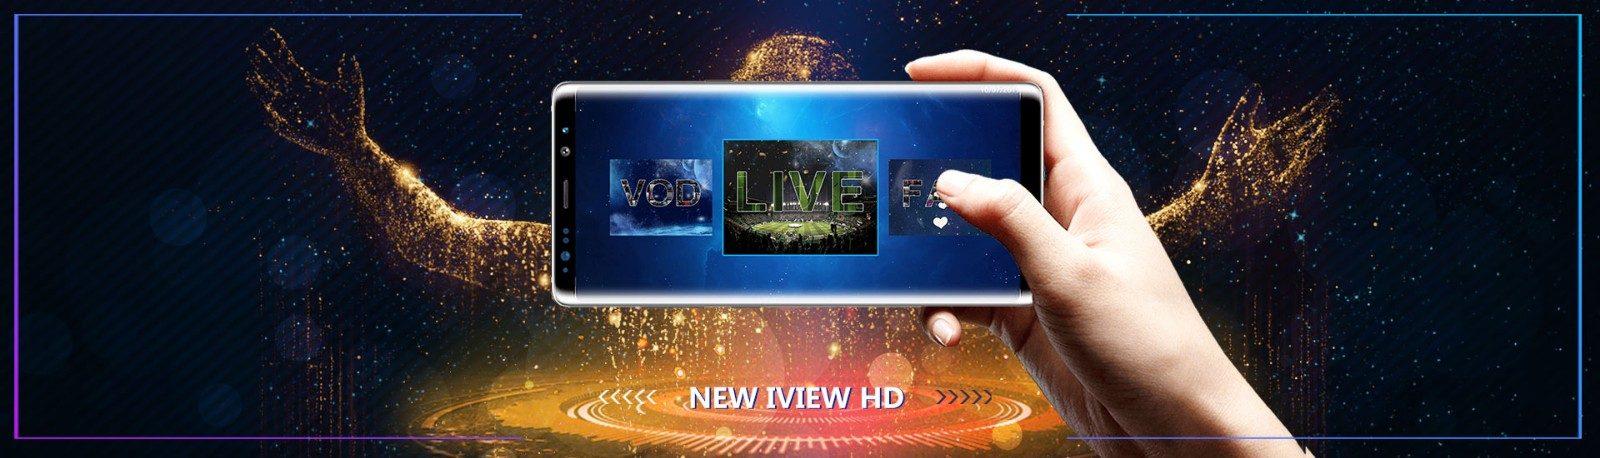 iview hd app banner